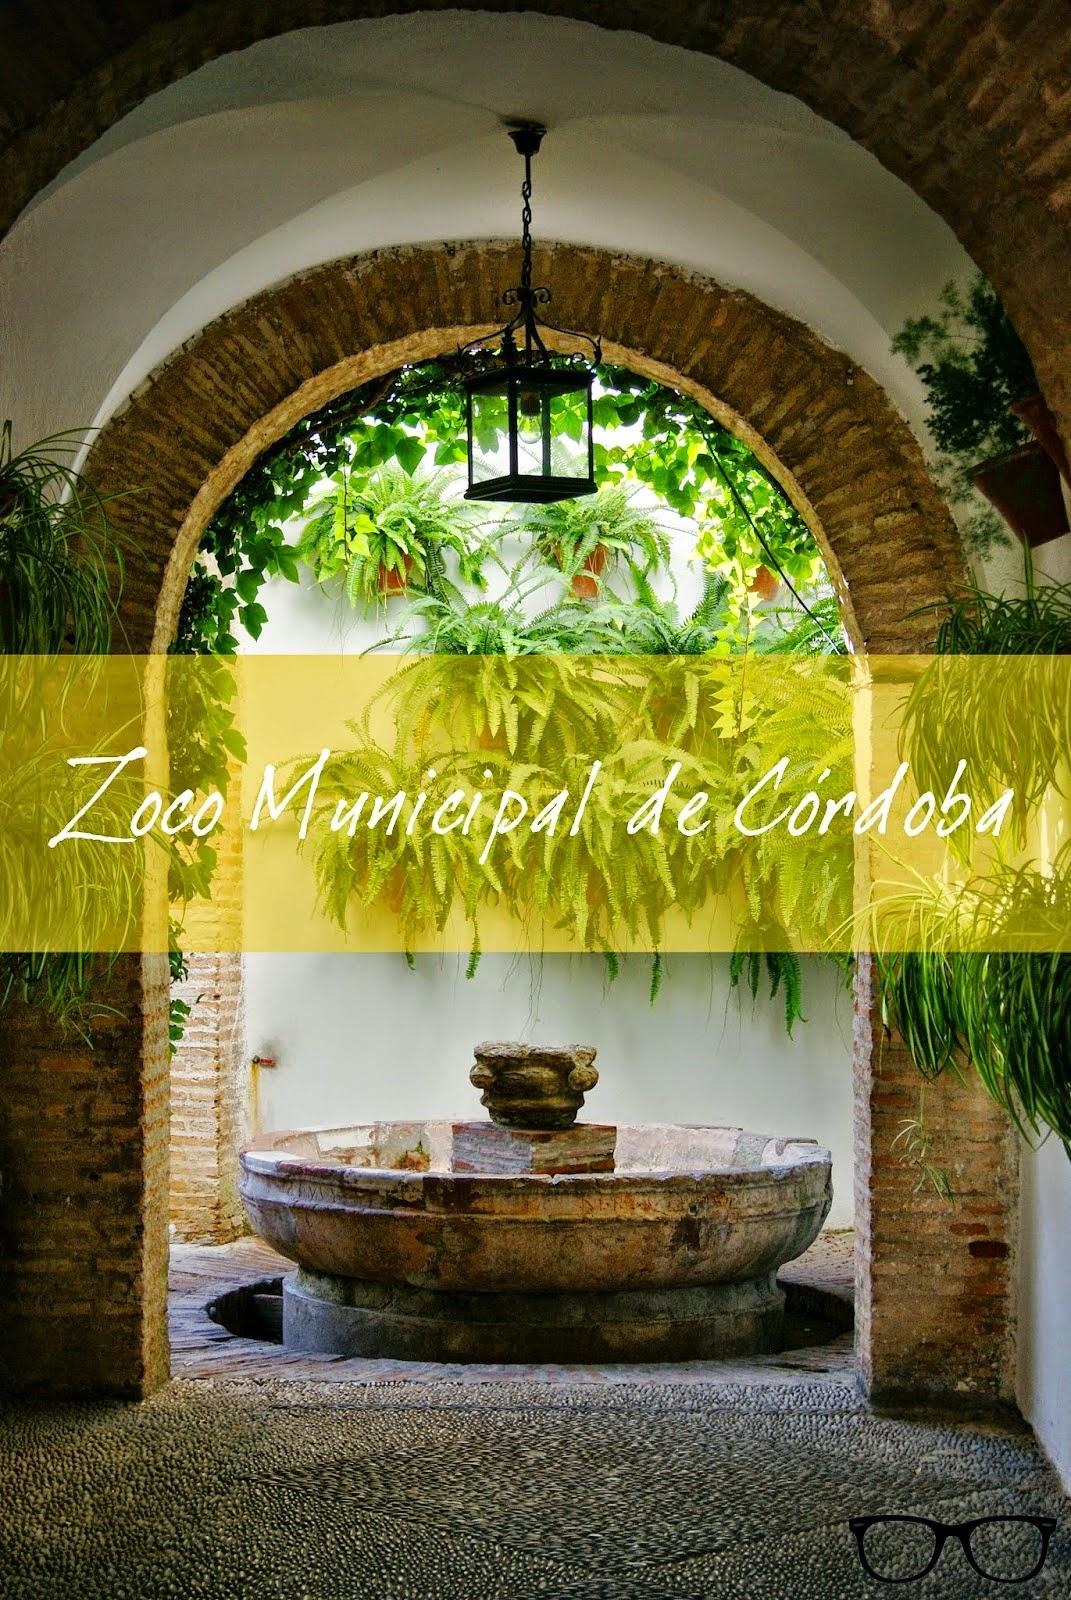 Titulo post Zoco Municipal de Córdoba